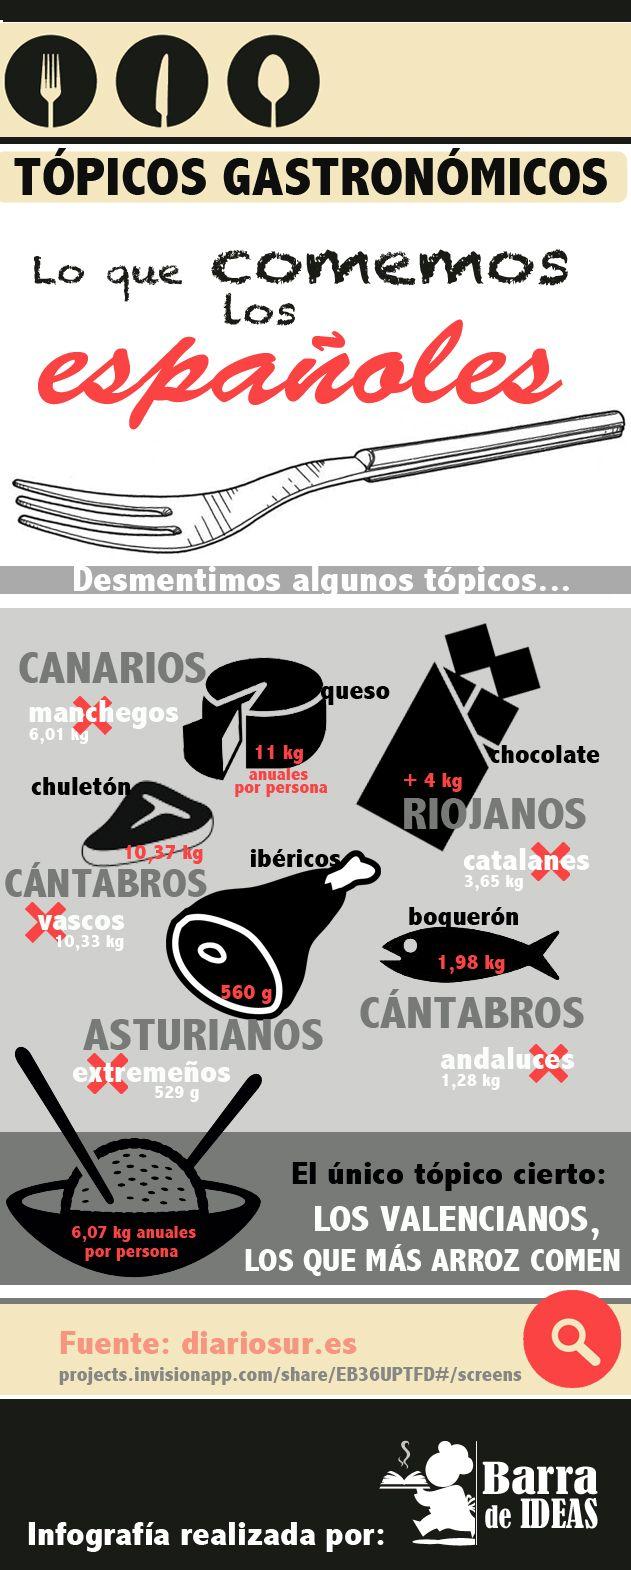 http://www.barradeideas.com/los-topicos-falsos-sobre-lo-que-comemos-los-espanoles/